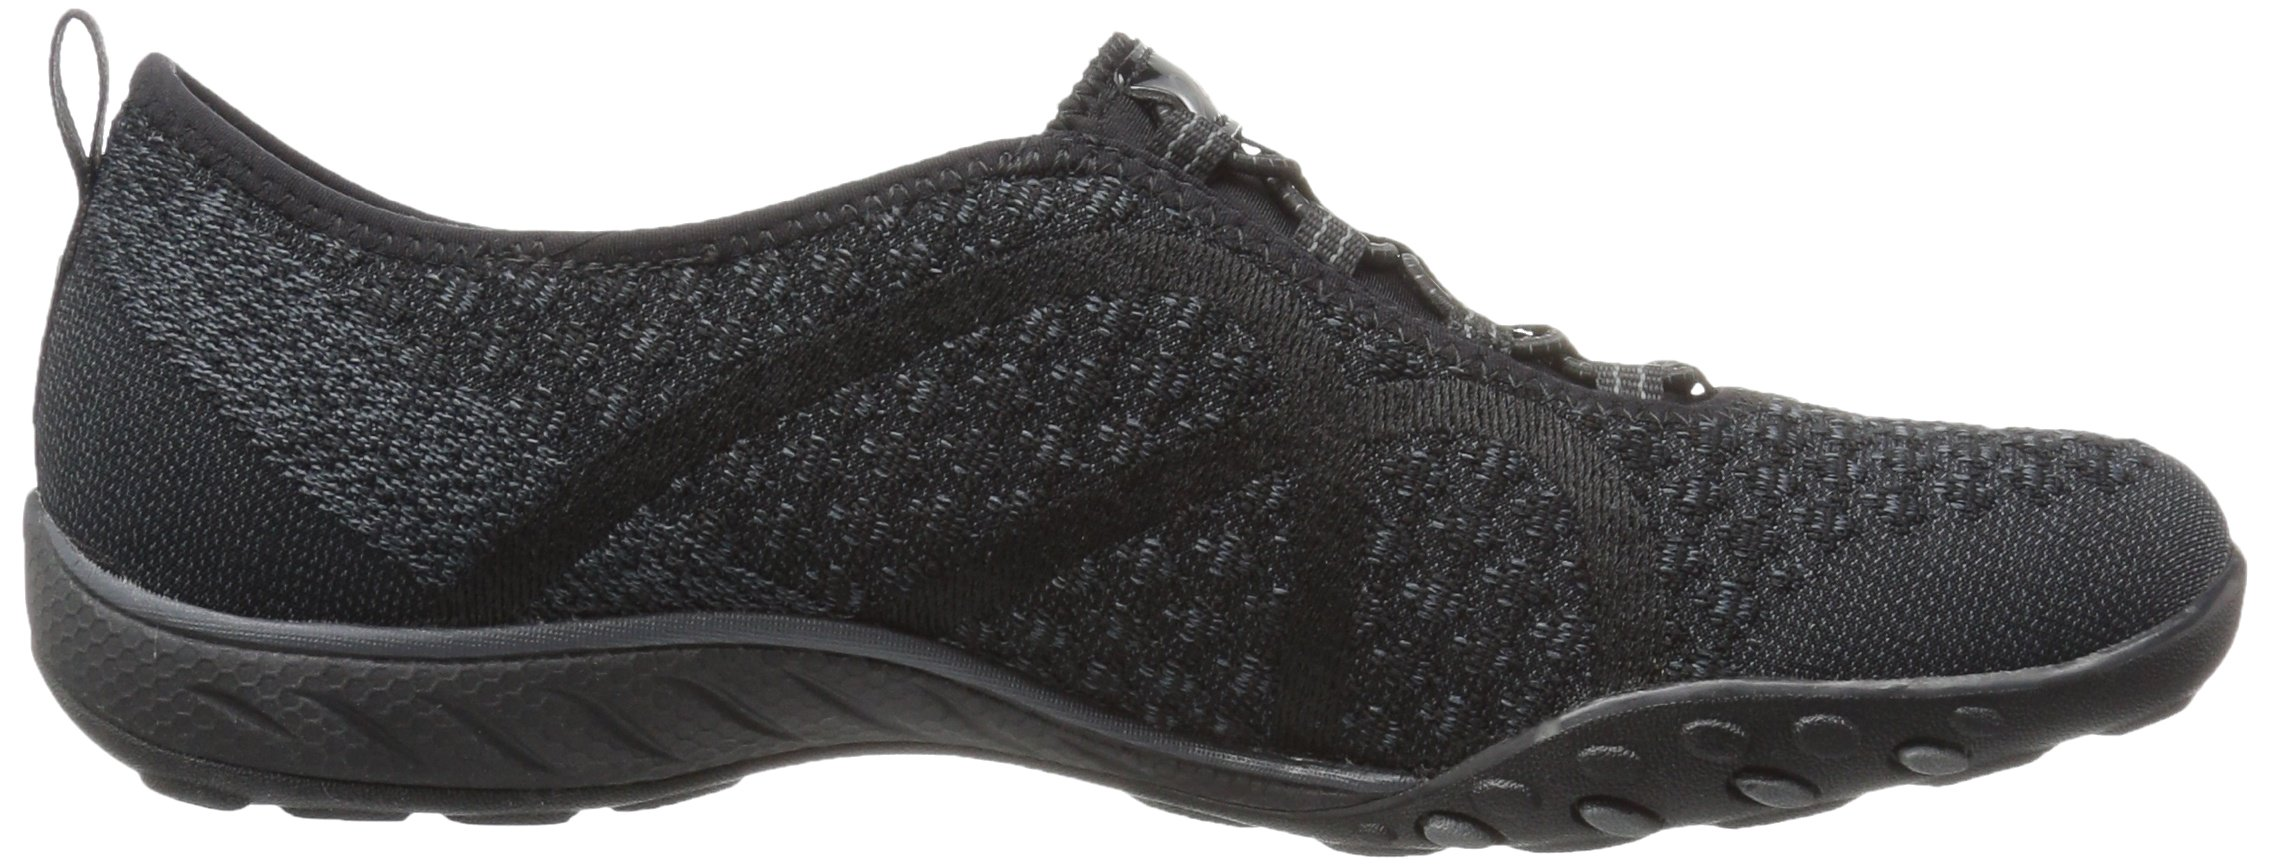 Skechers Sport Women's Breathe Easy Fortune Fashion Sneaker,Black Knit,5.5 M US by Skechers (Image #7)